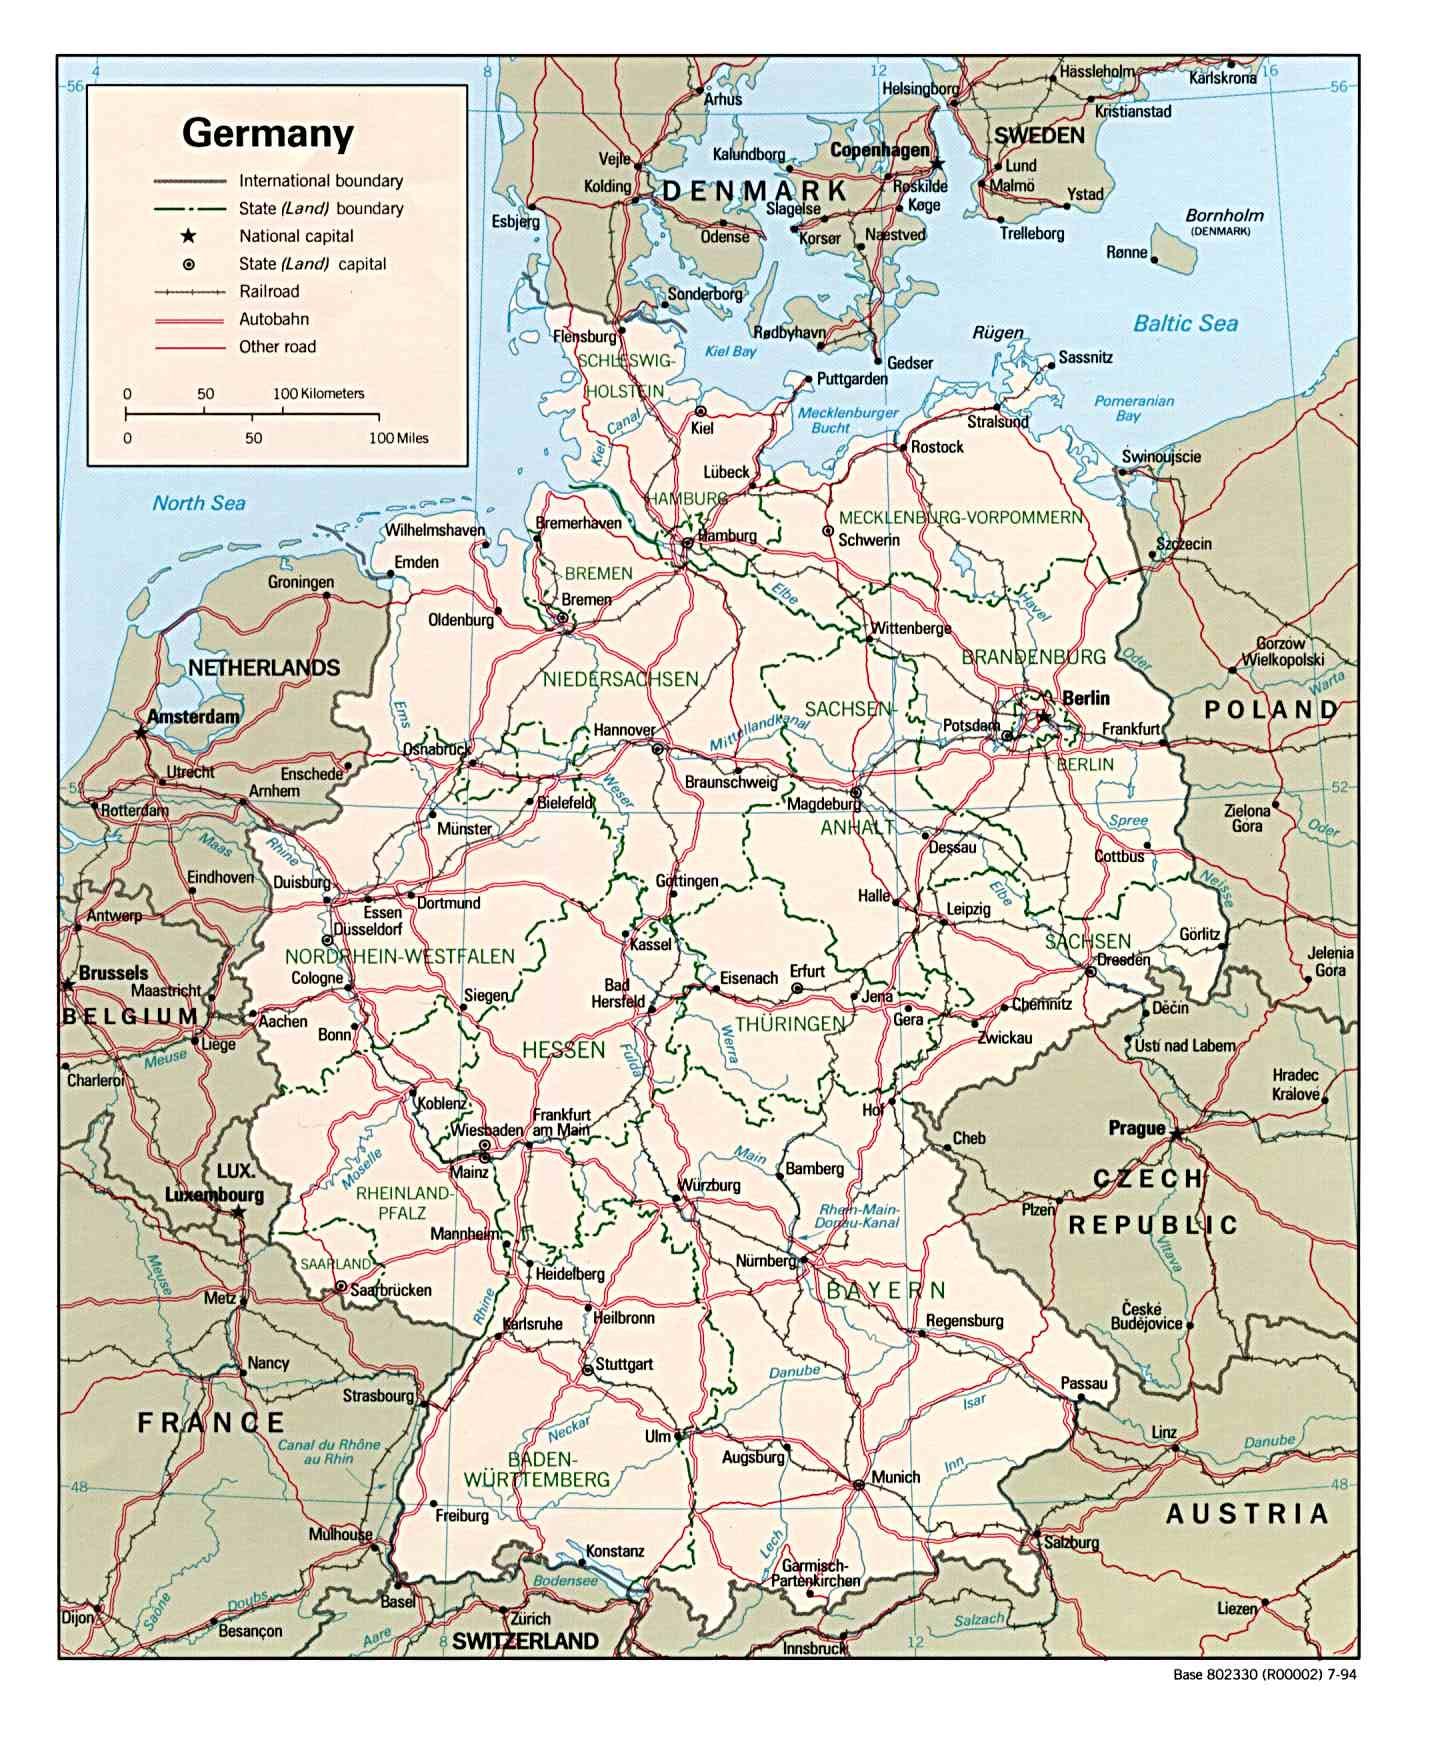 landkarte deutschland politische karte karten und stadtpl ne der welt. Black Bedroom Furniture Sets. Home Design Ideas